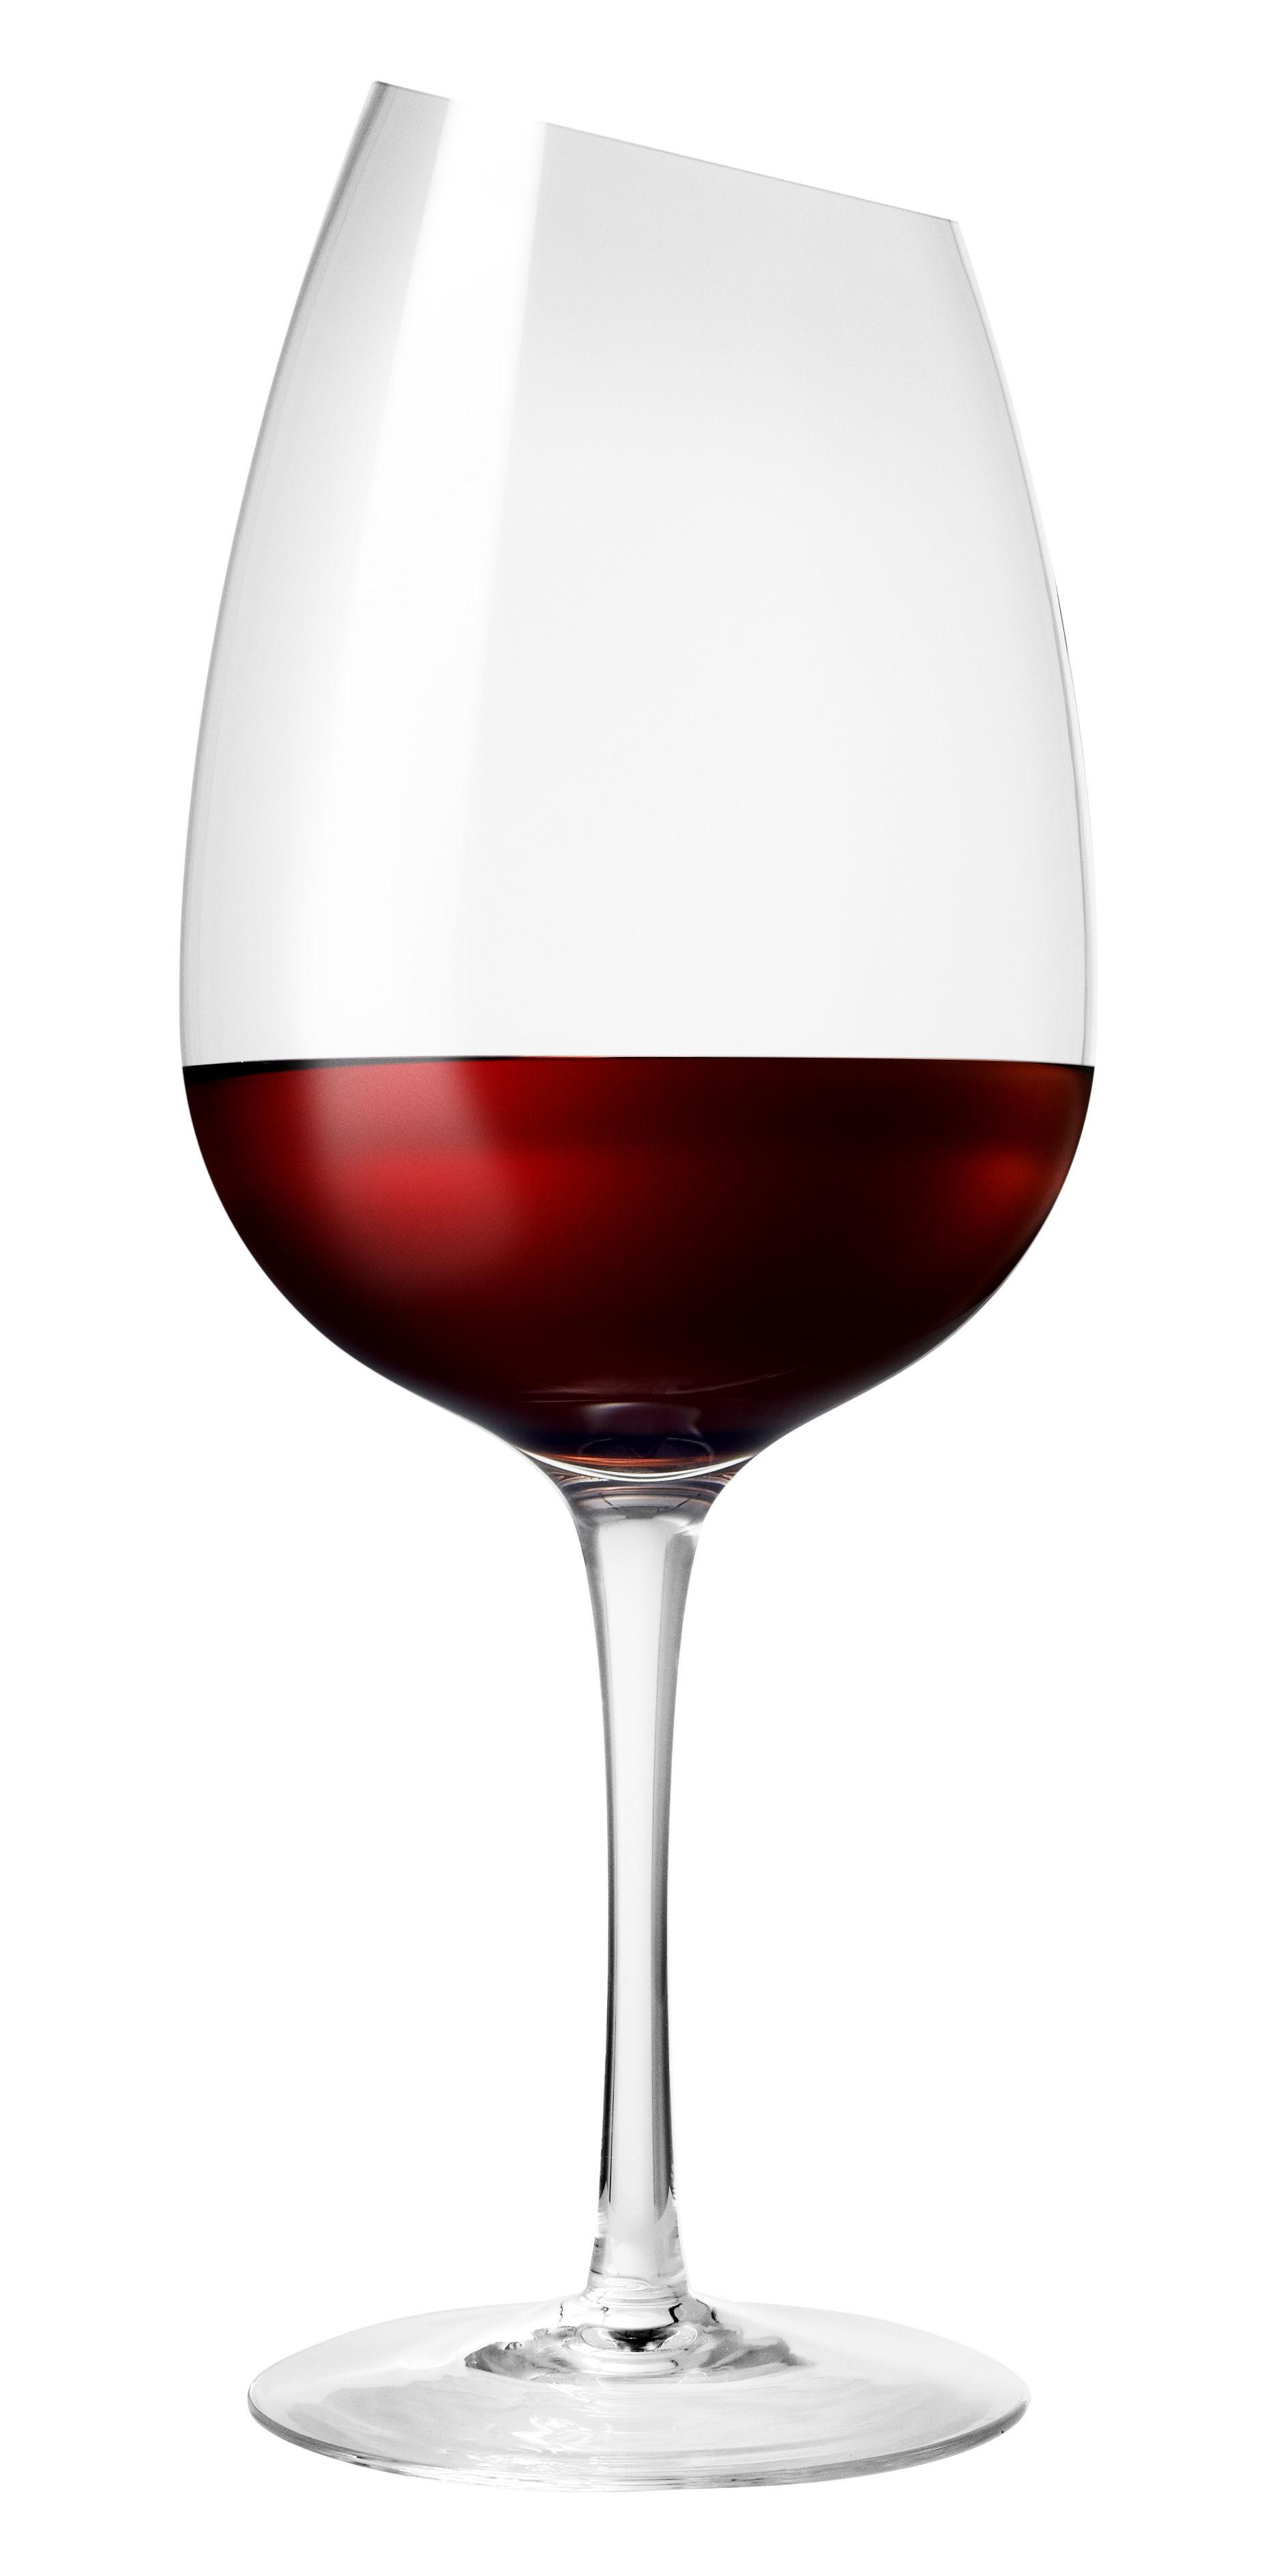 Tischkultur - Gläser - Magnum Rotweinglas / 90 cl - Eva Solo - Für Rotwein (90 cl) - mundgeblasenes Glas